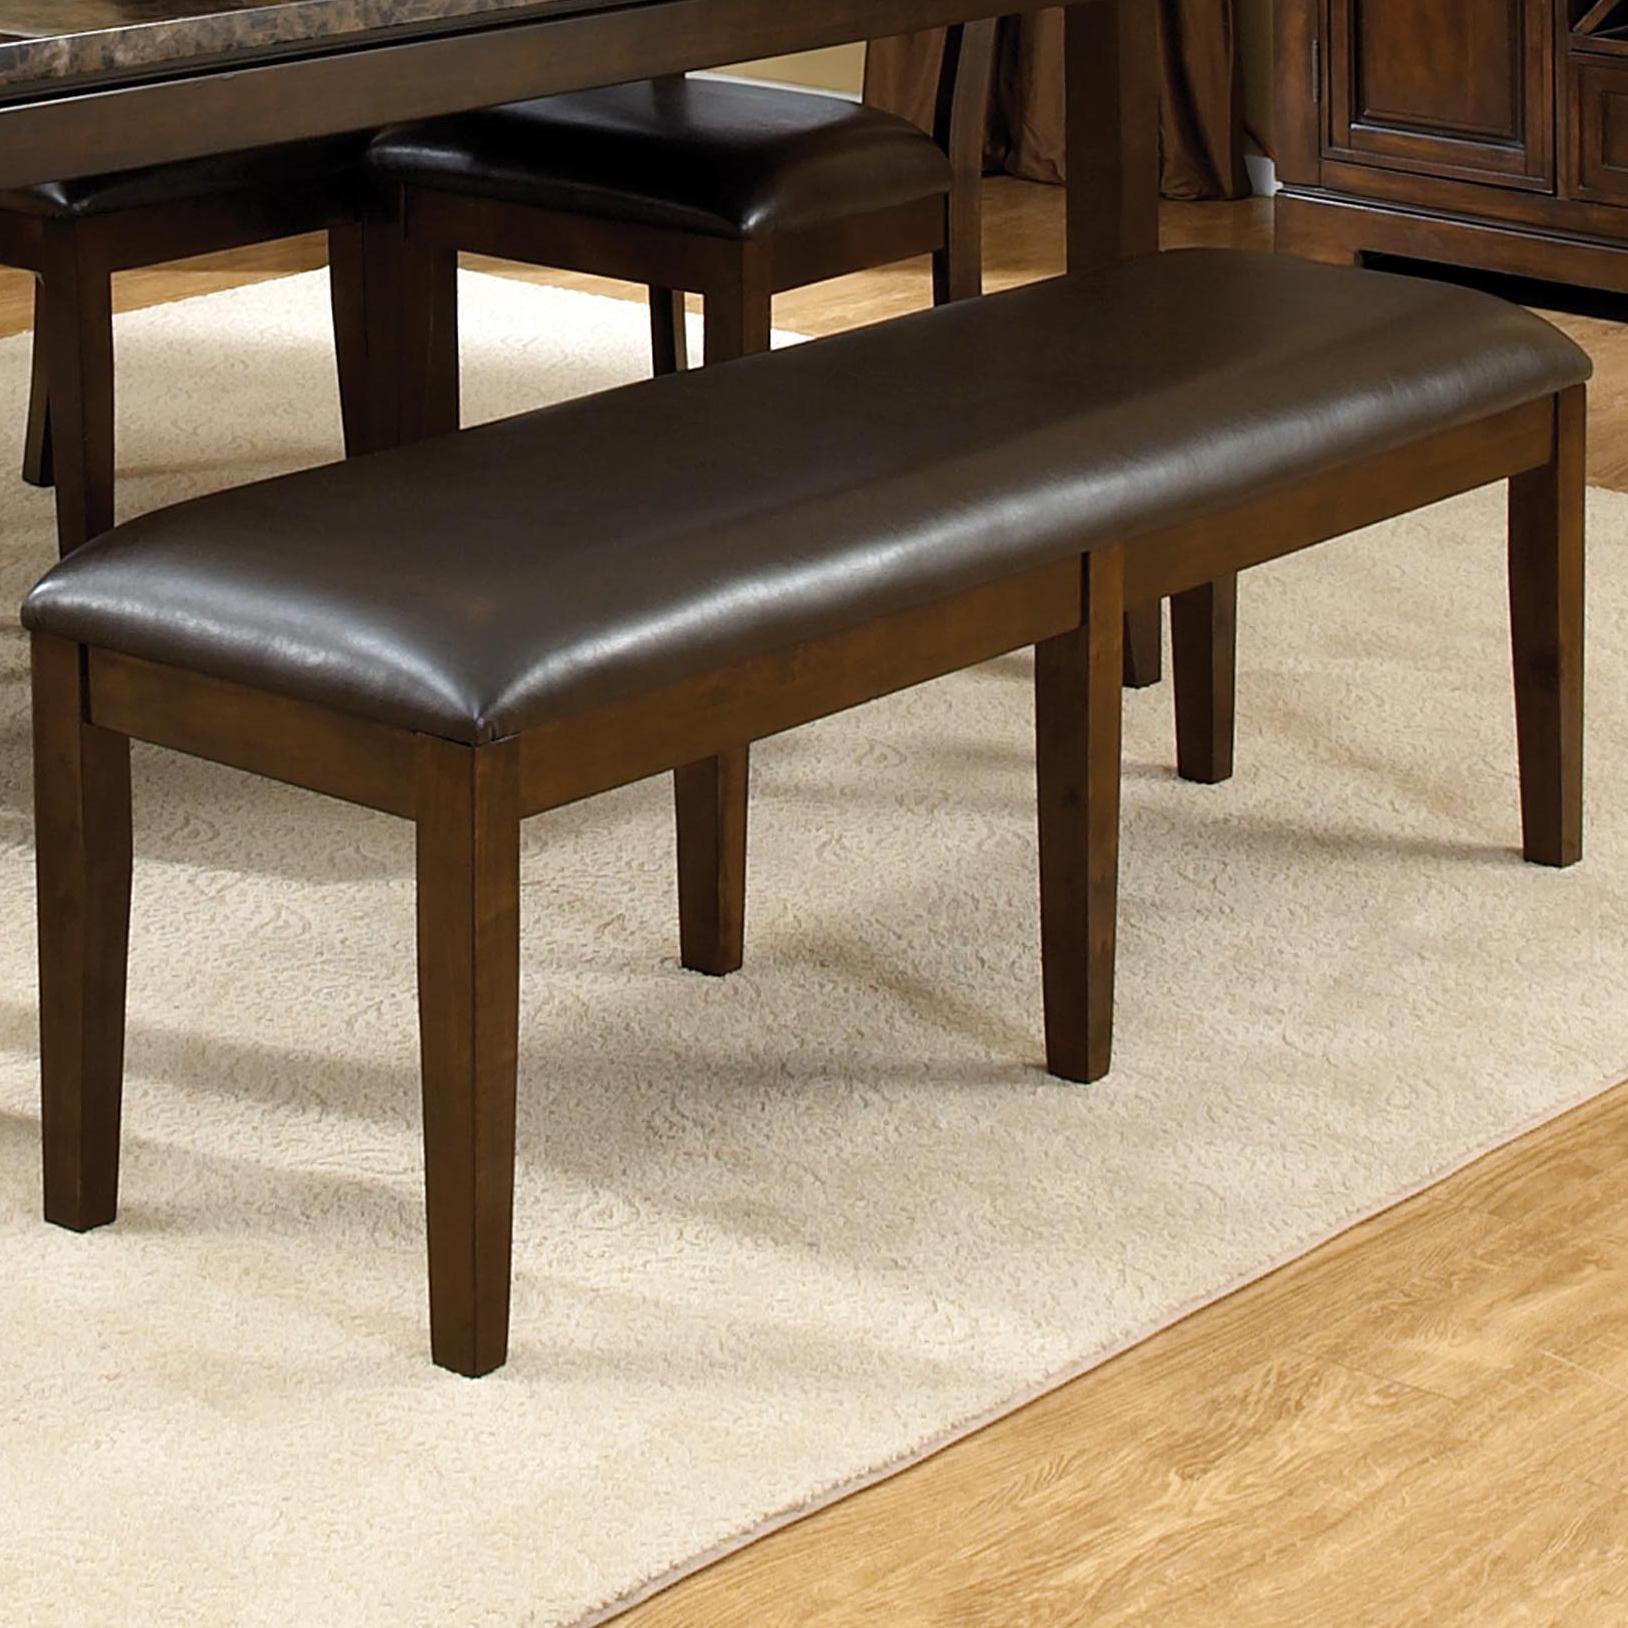 Standard Furniture Bella 6 Piece Rectangular Leg Dining  : products2Fstandardfurniture2Fcolor2Fbella23620168412B4x442B49 b2 from www.jacksonvillefurnituremart.com size 1628 x 1628 jpeg 268kB